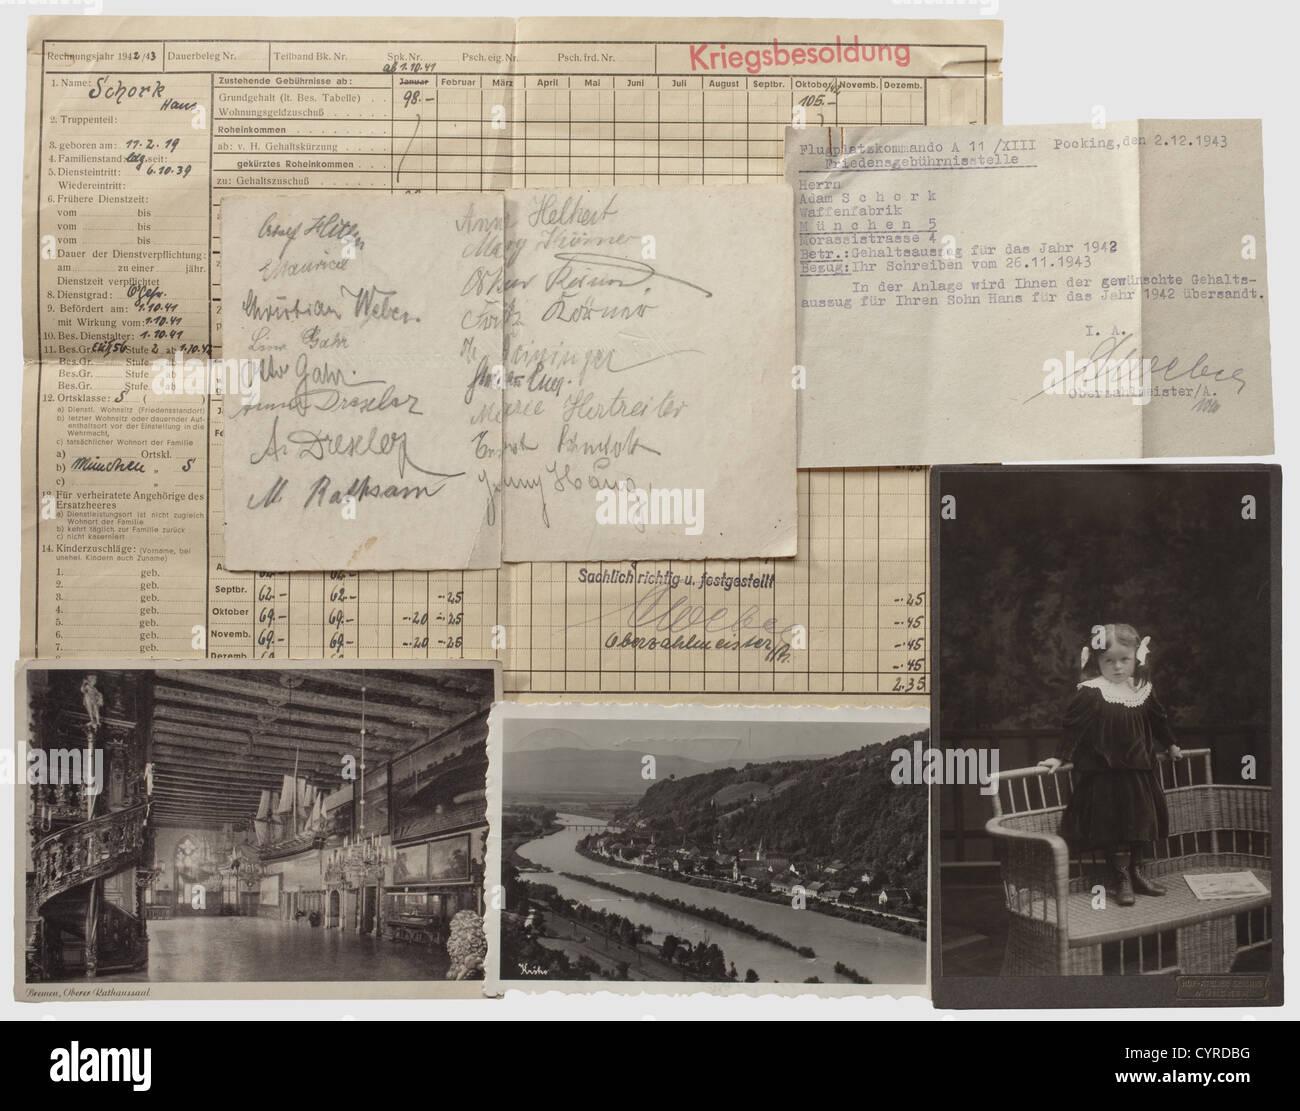 Adam Schork - eine unterschriebene Grußkarte aus den 1920er Jahren ...